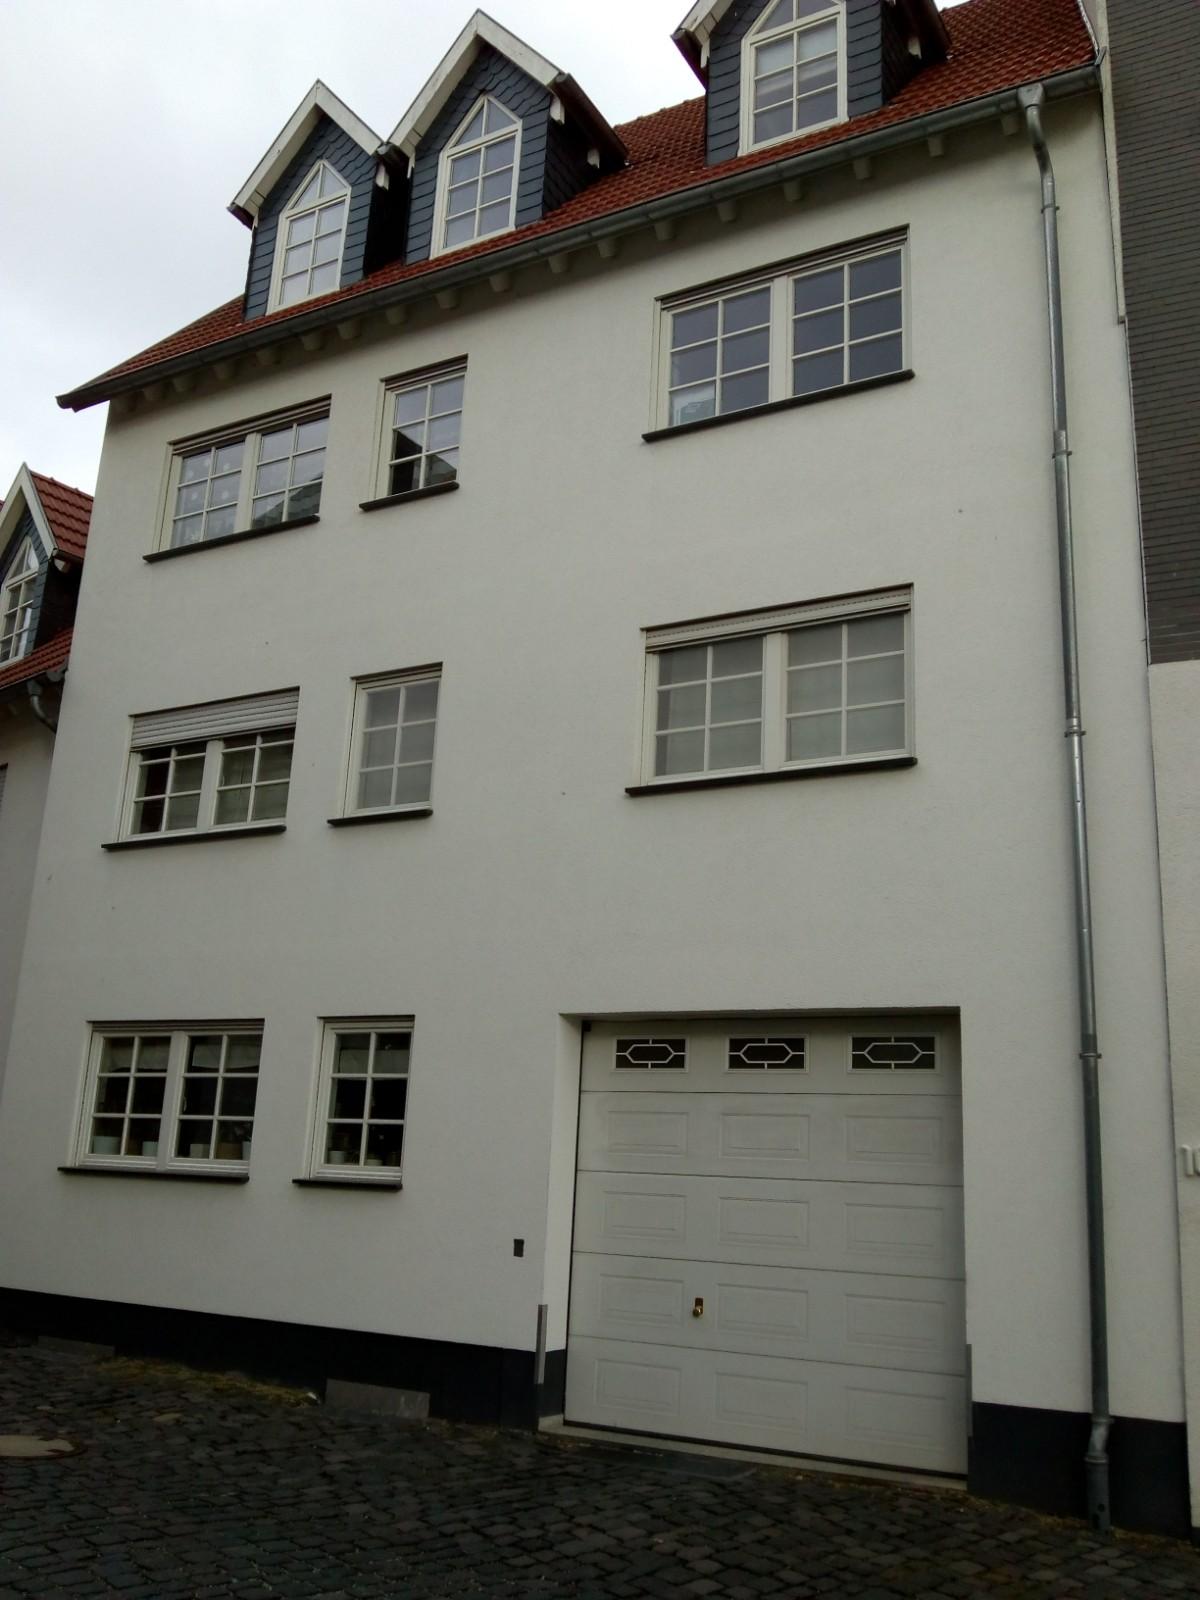 Mehrfamilienhaus in Butzbach - 8 Wohneinheiten